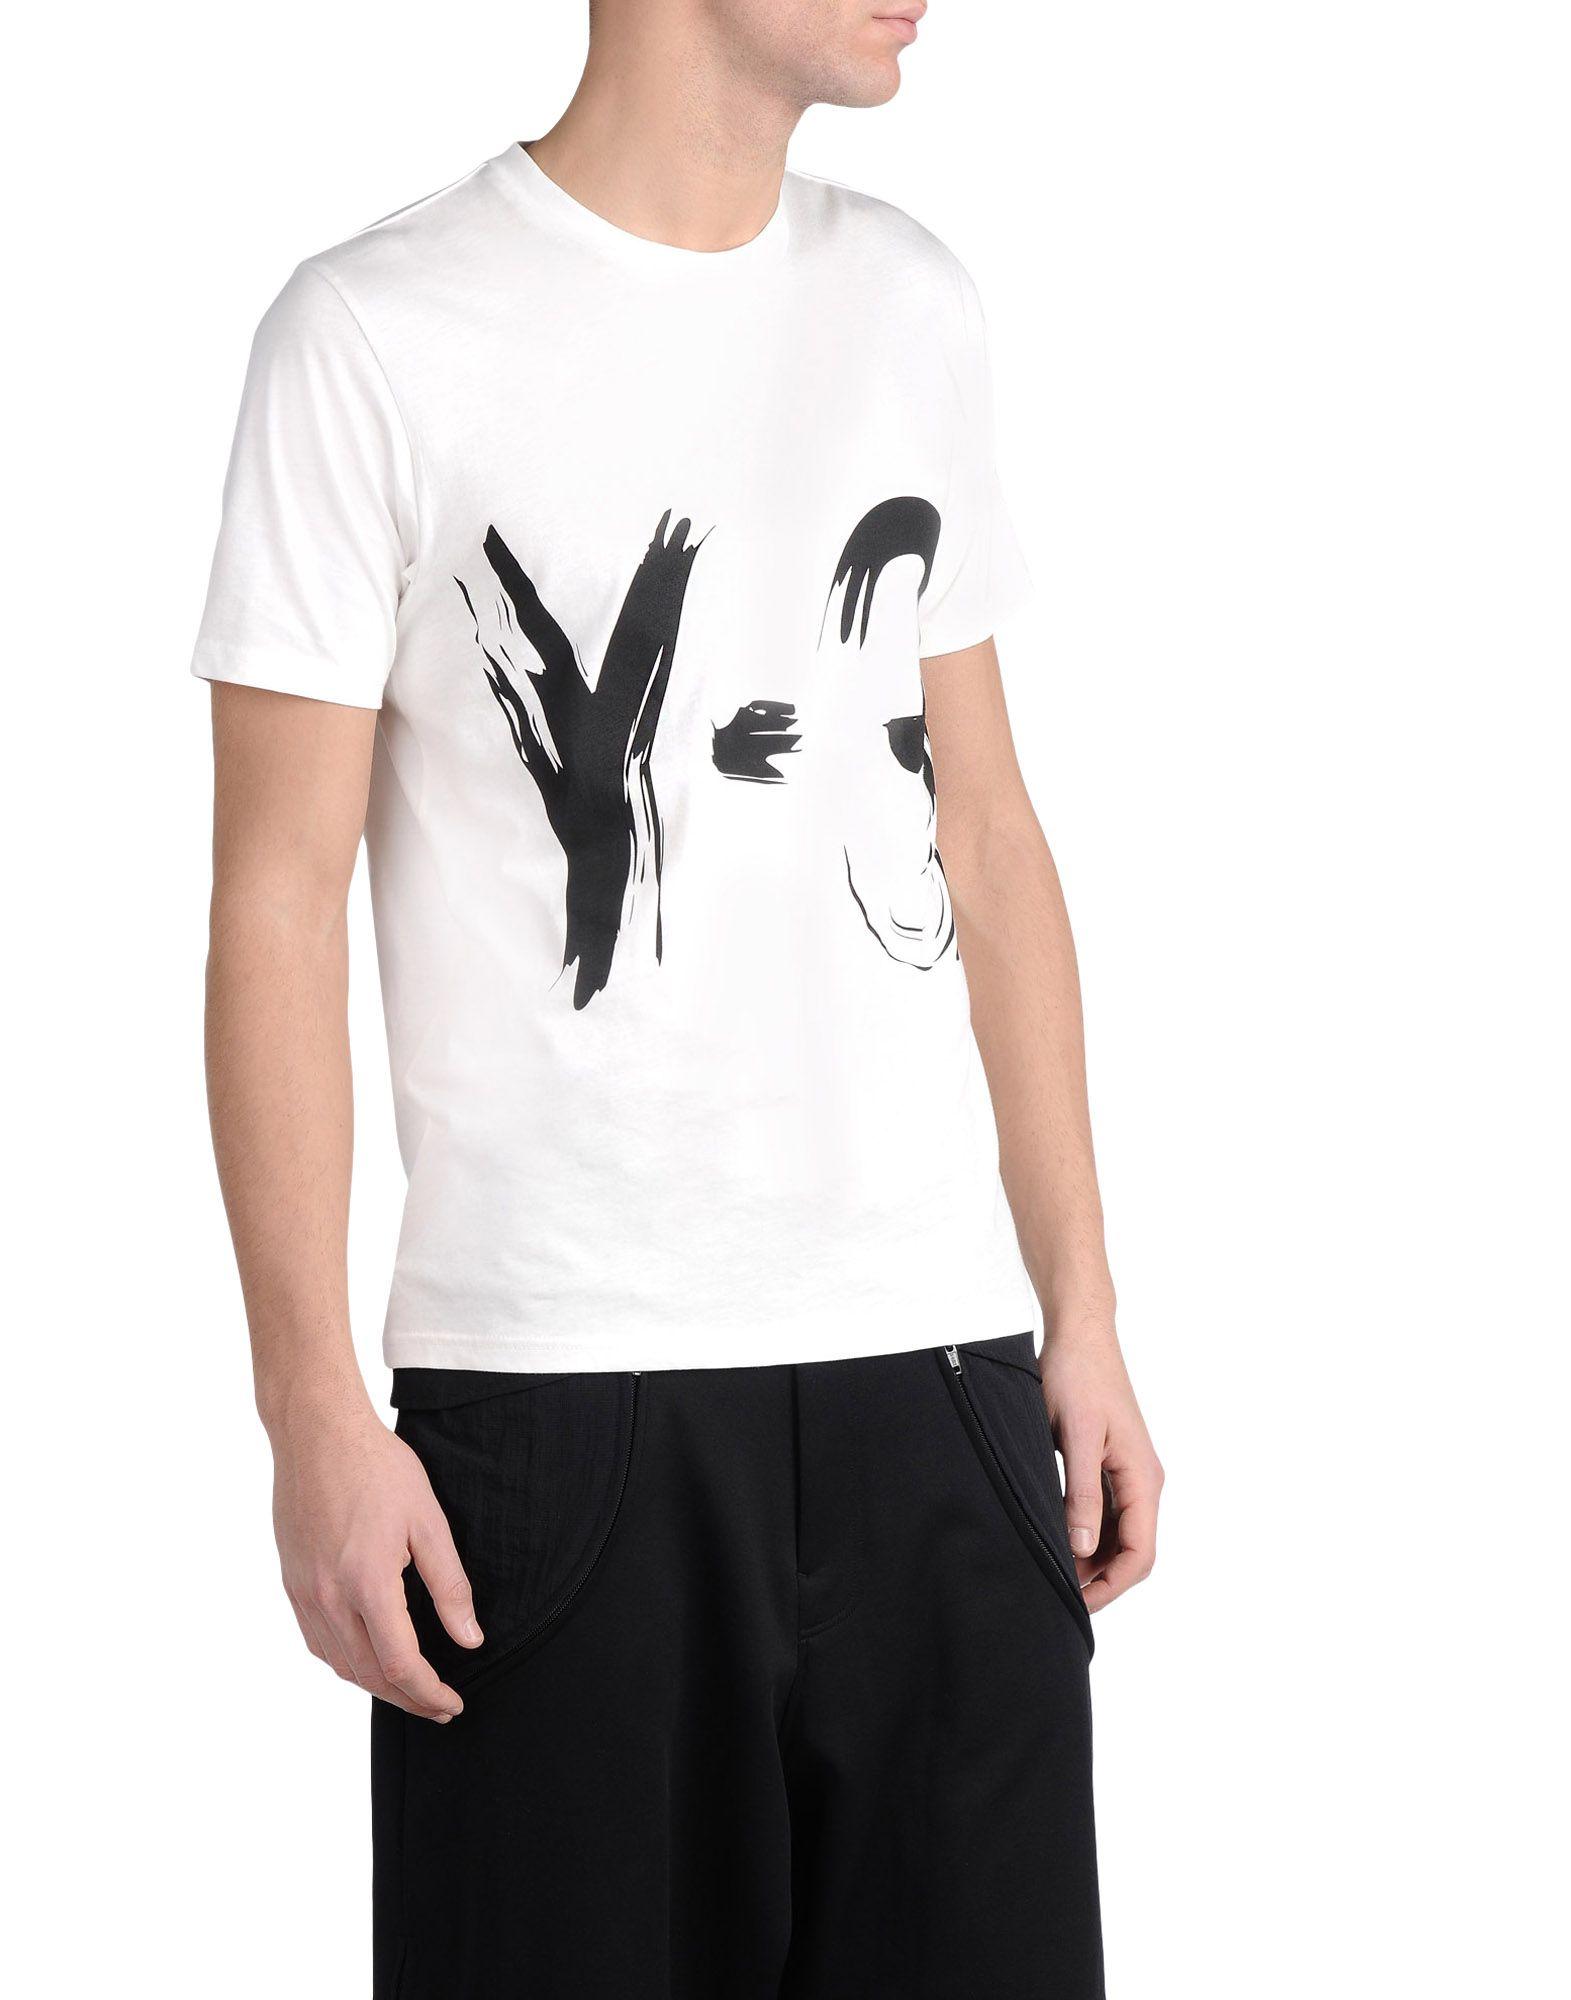 Y-3 SKETCH TEE TEES & POLOS man Y-3 adidas